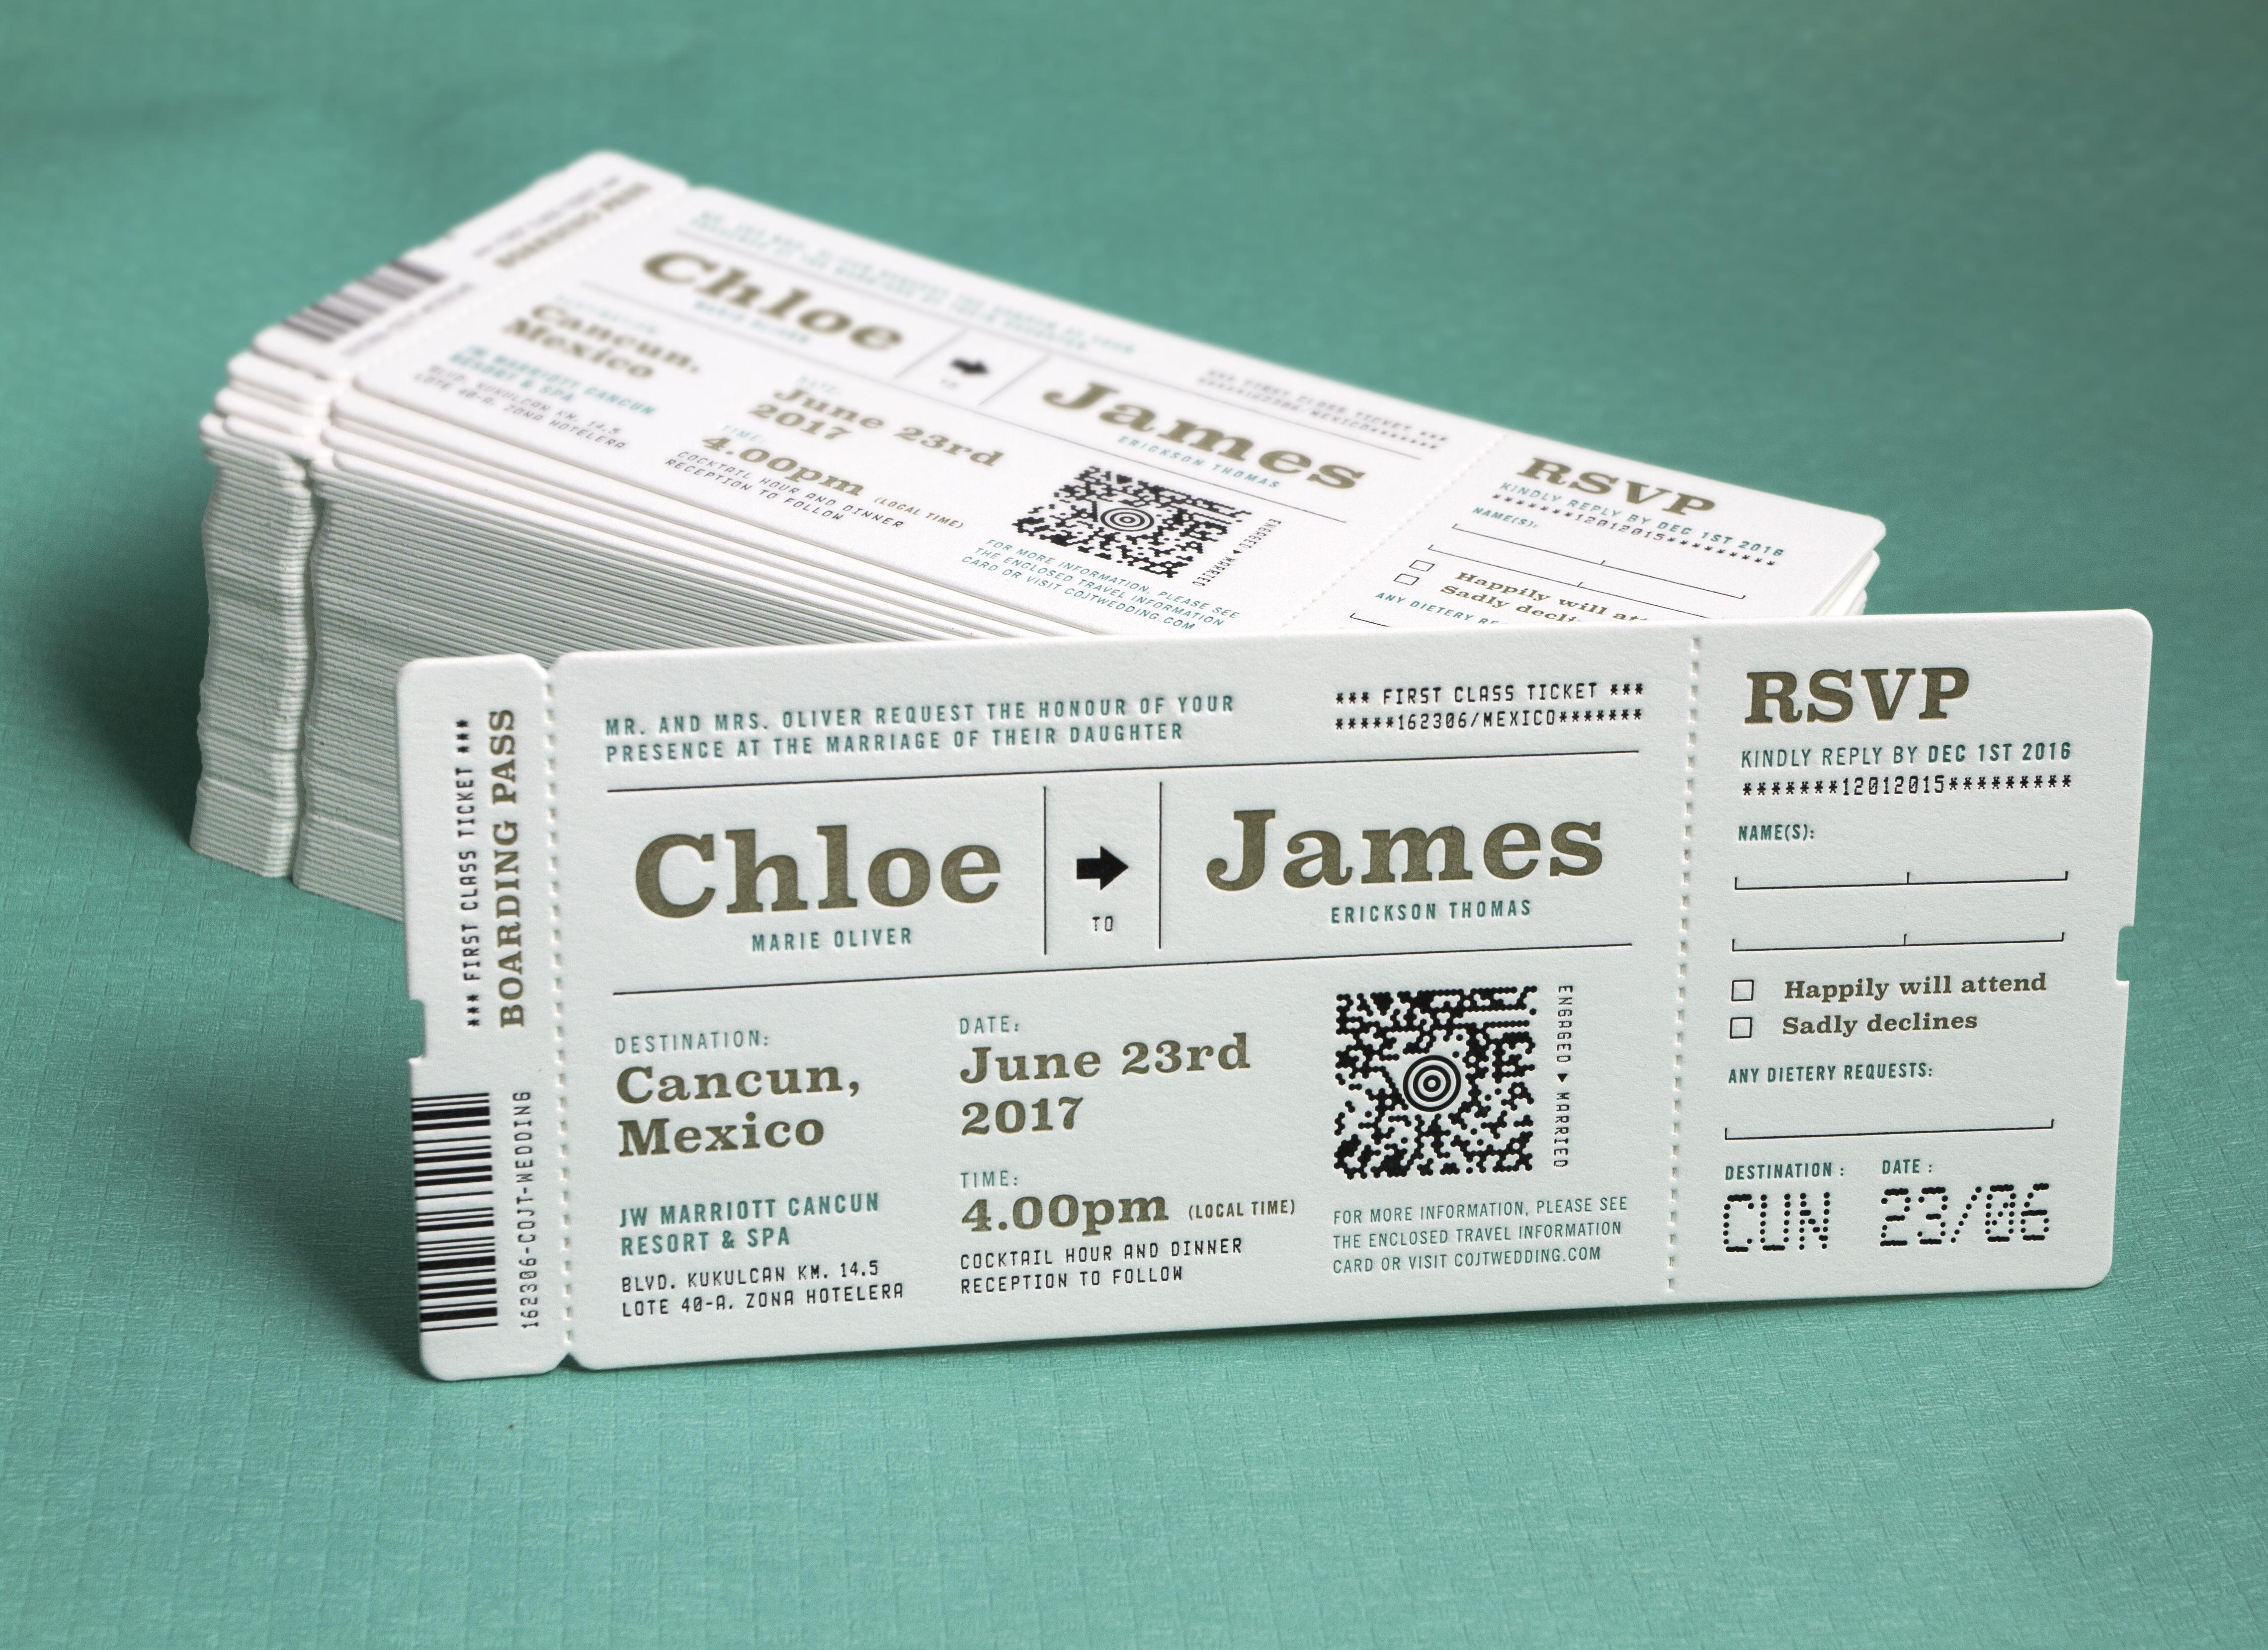 Custom Printed Wedding Invitations Jukebox Printing Wedding Invitations Ticket Wedding Invitations Destination Wedding Invitations